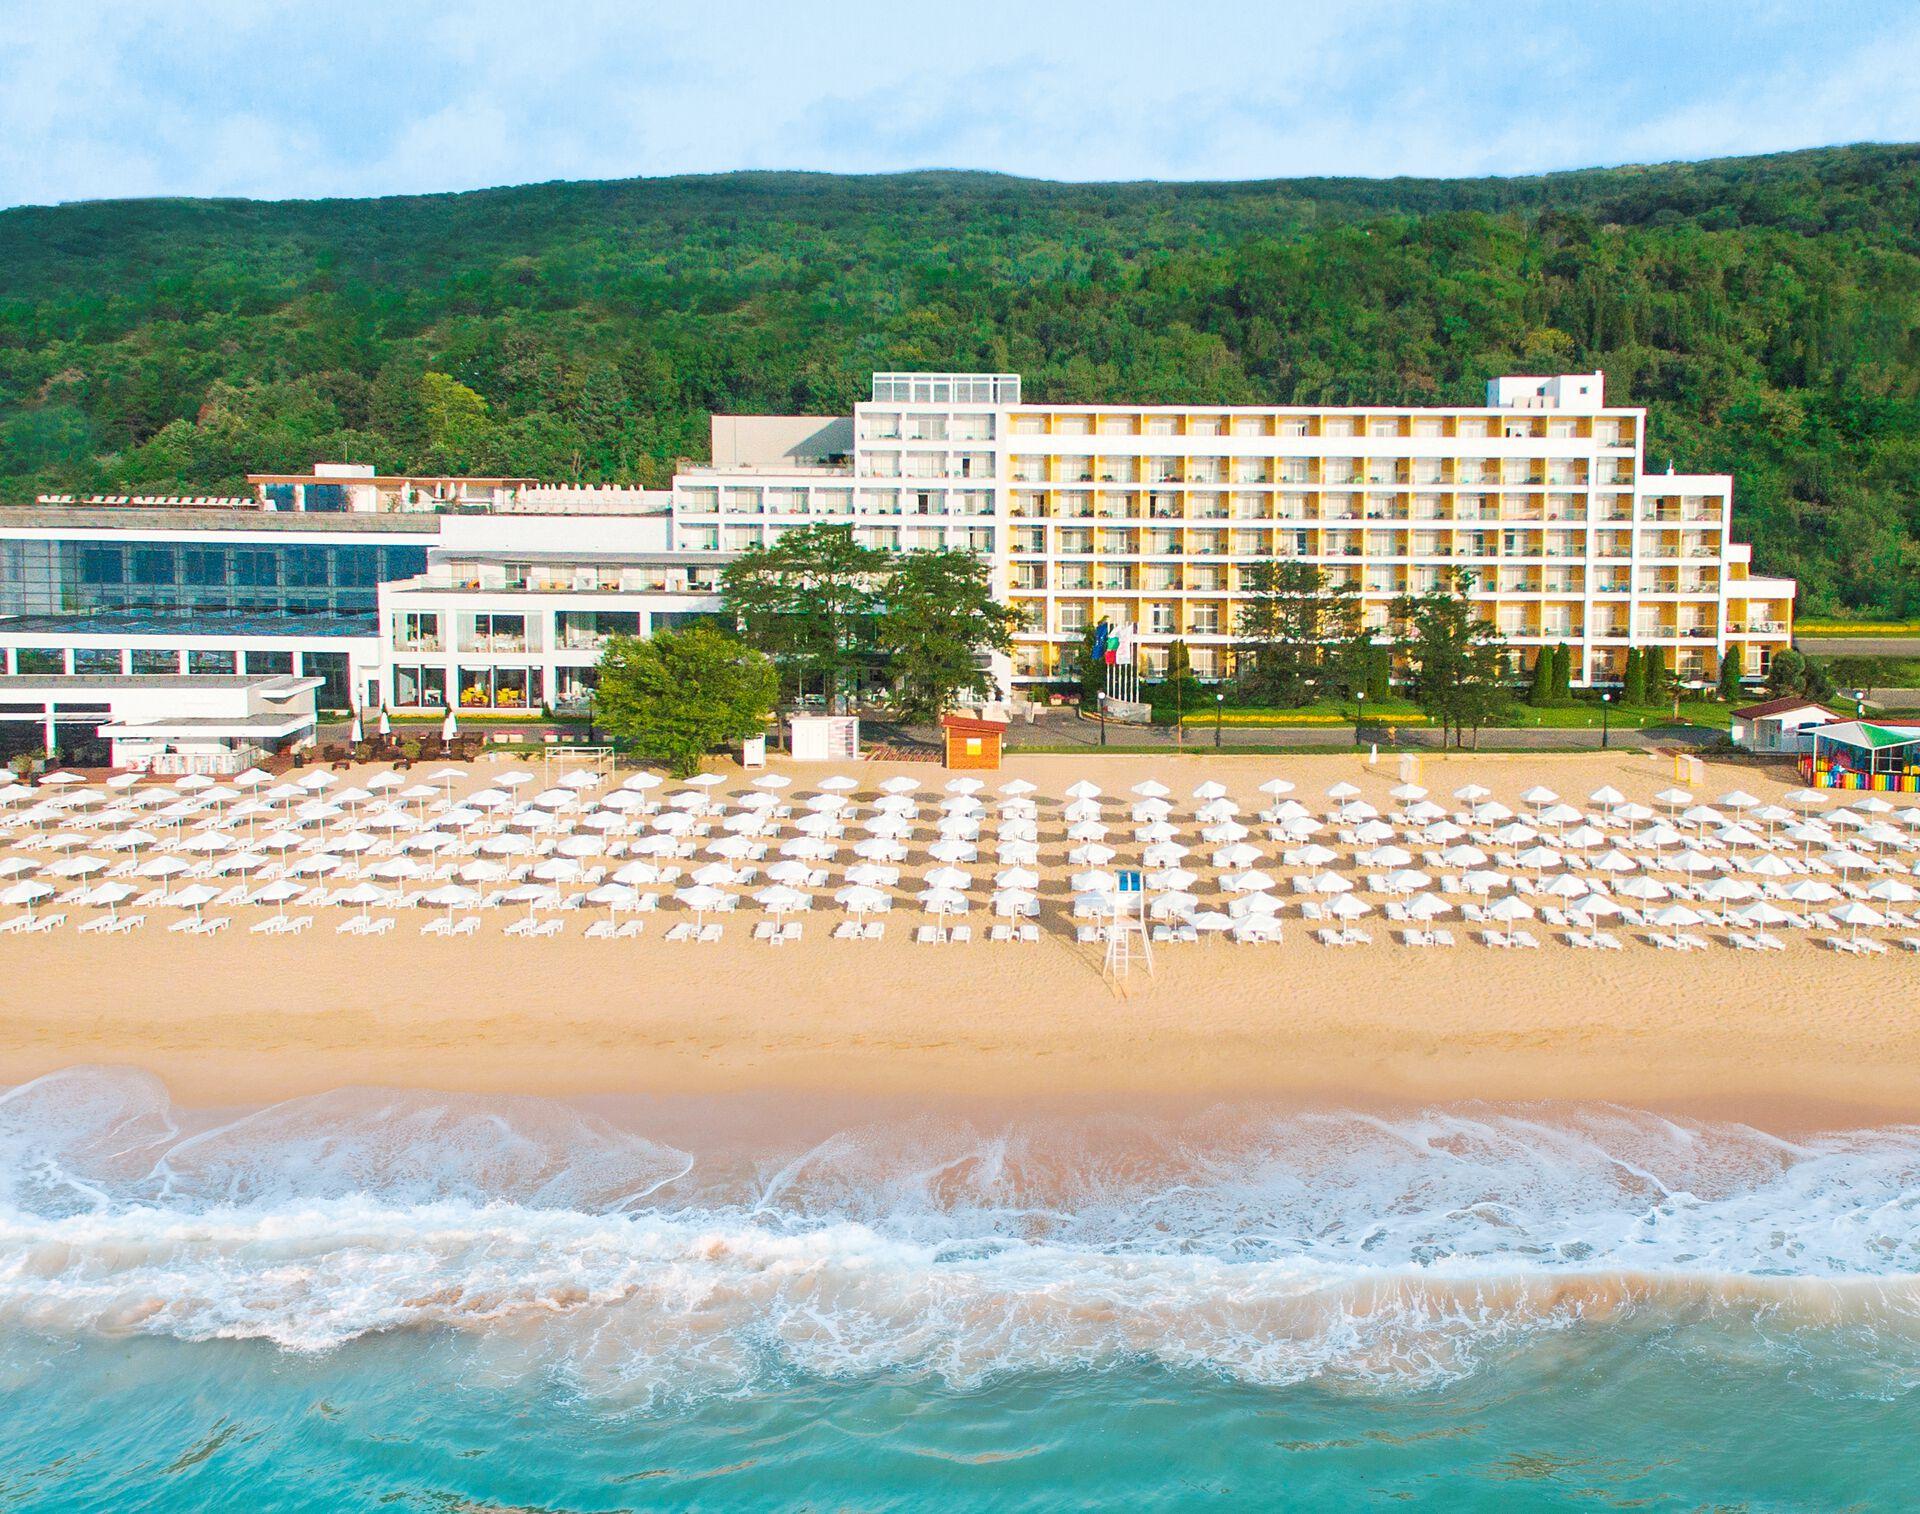 Grifid Hotel Encanto Beach - 4*